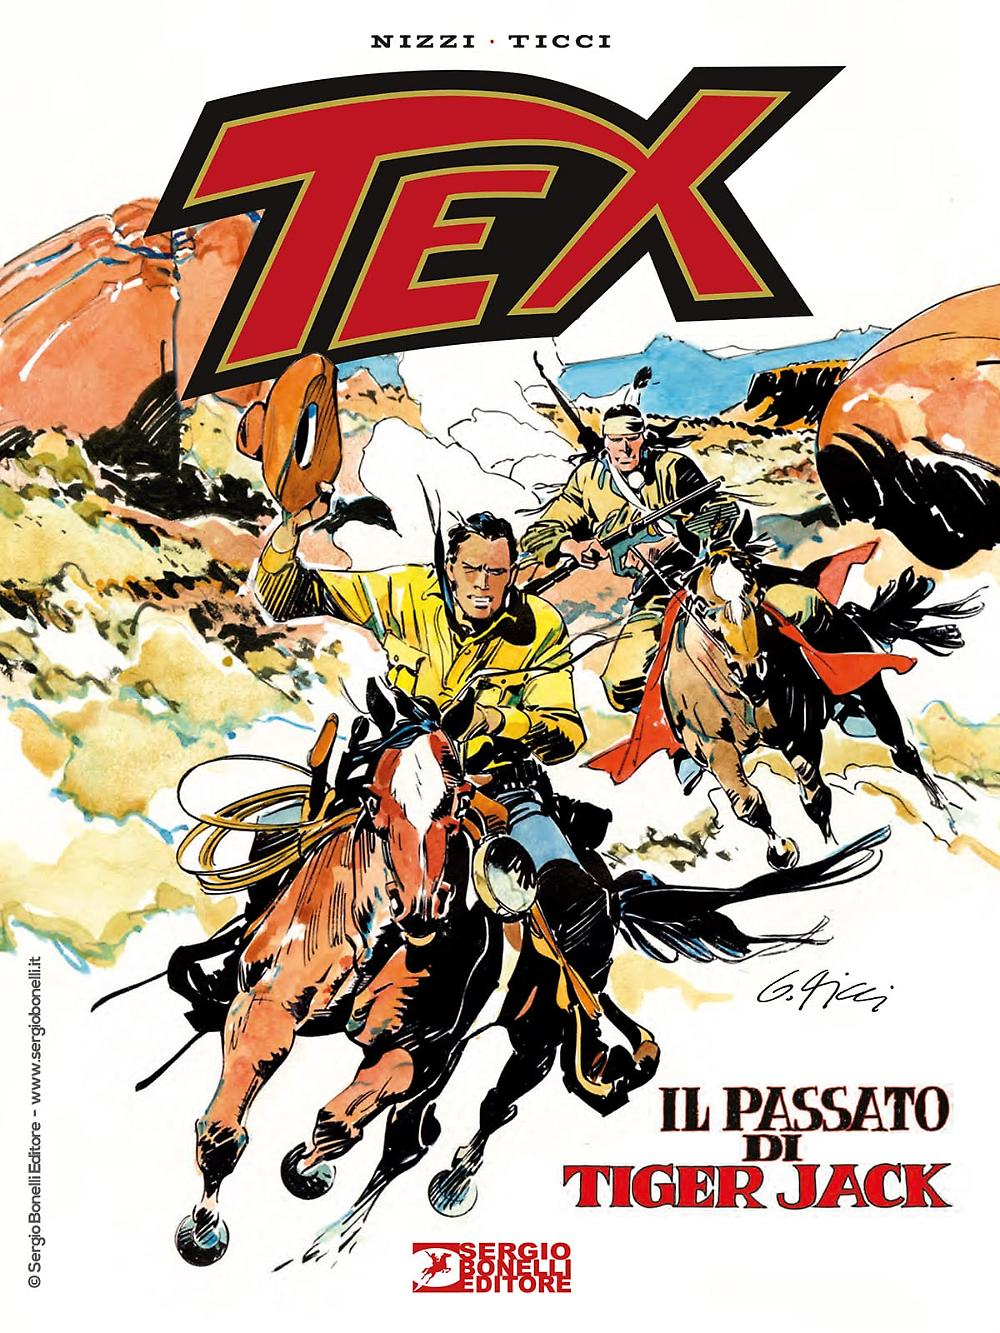 TEX Il passato di Tiger Jack, SERGIO BONELLI EDITORE